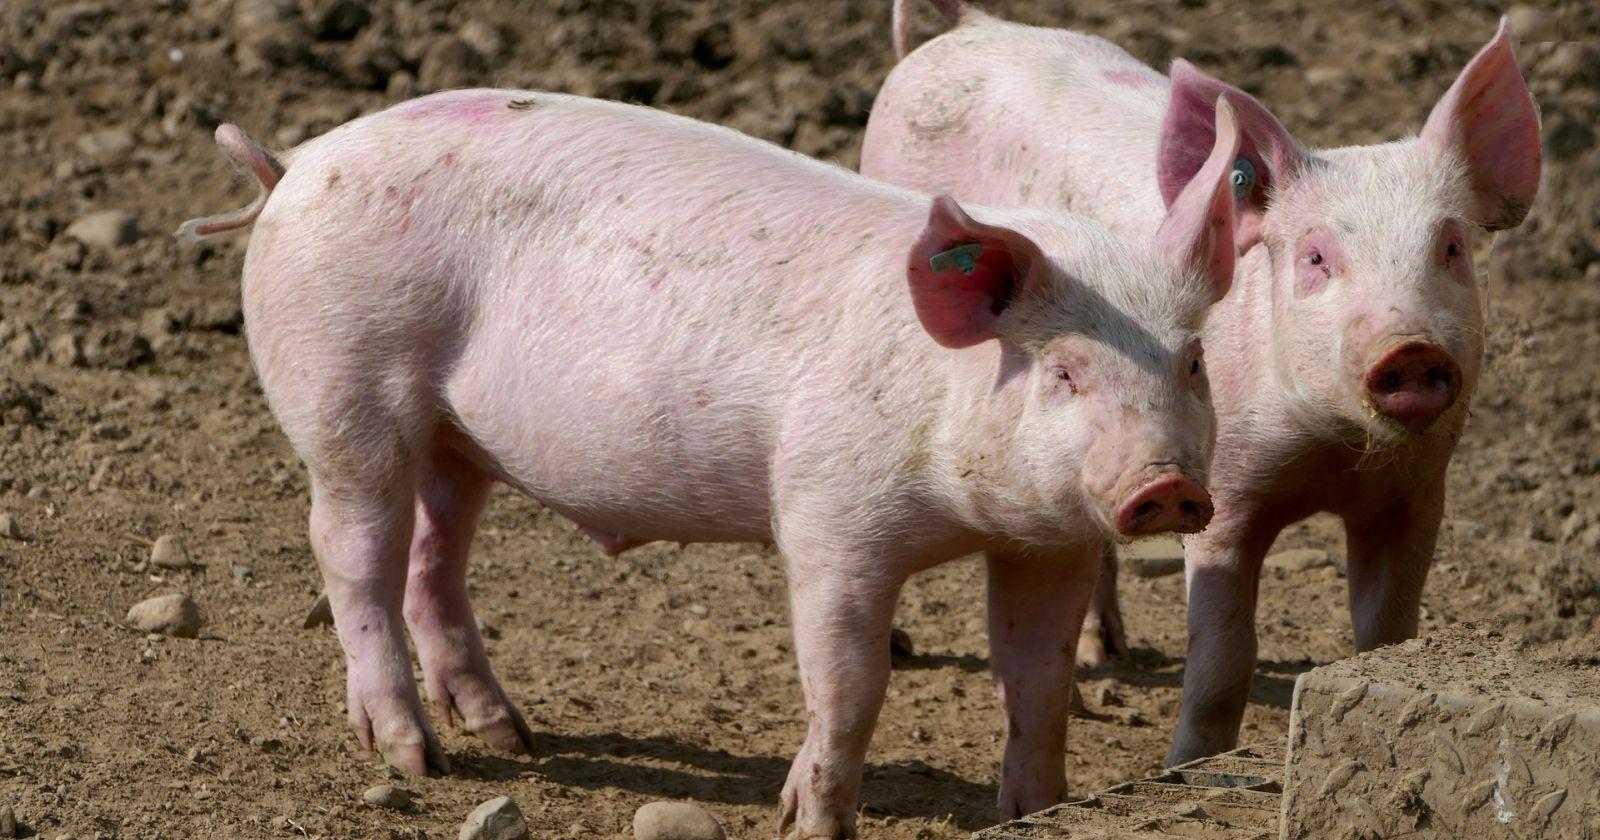 Descubren nuevo virus de la gripe porcina en China con